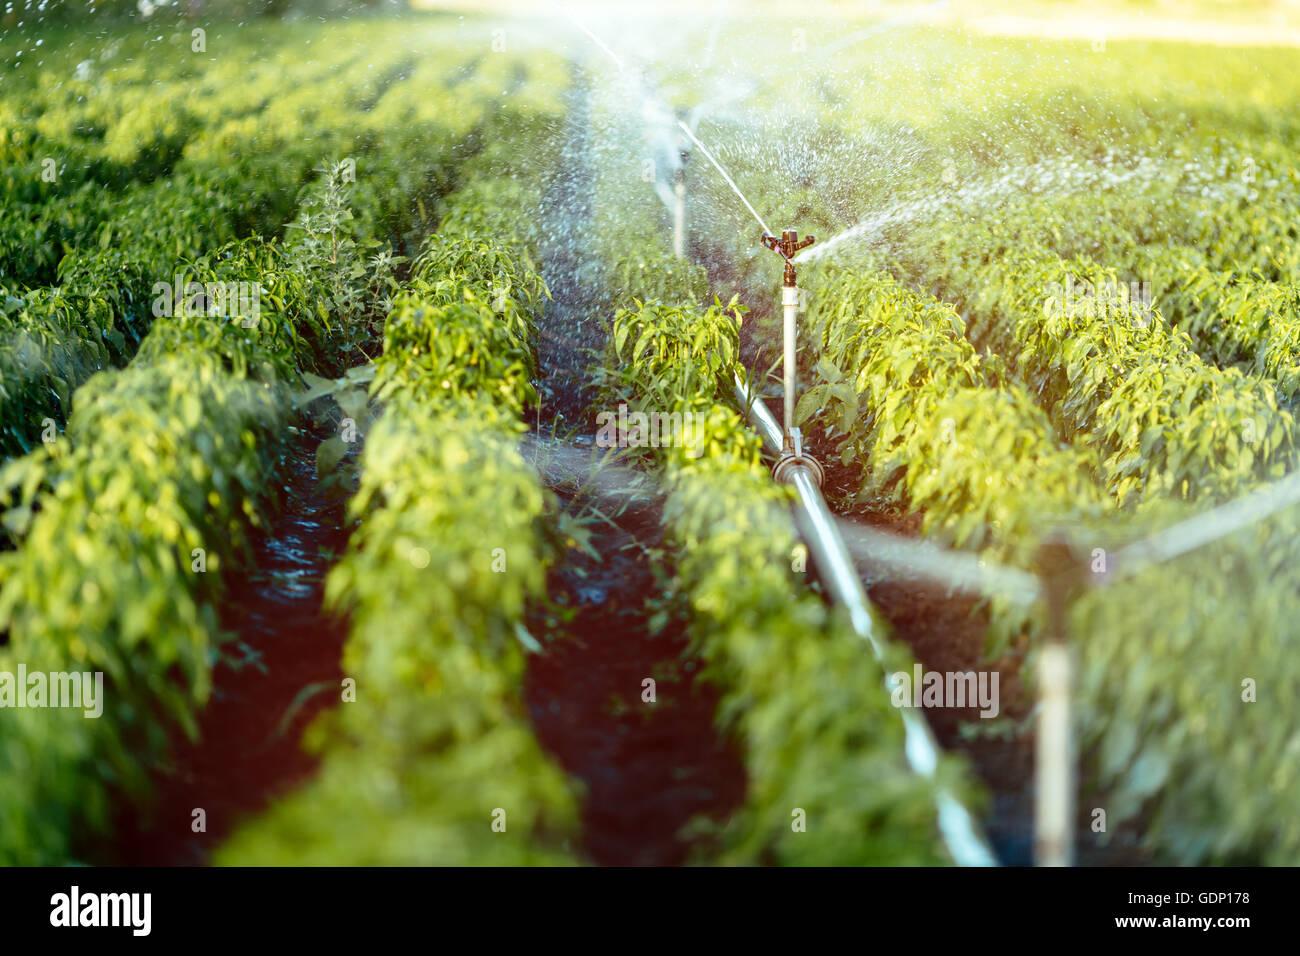 Bewässerungssystem in Funktion landwirtschaftlichen Pflanzen gießen Stockbild